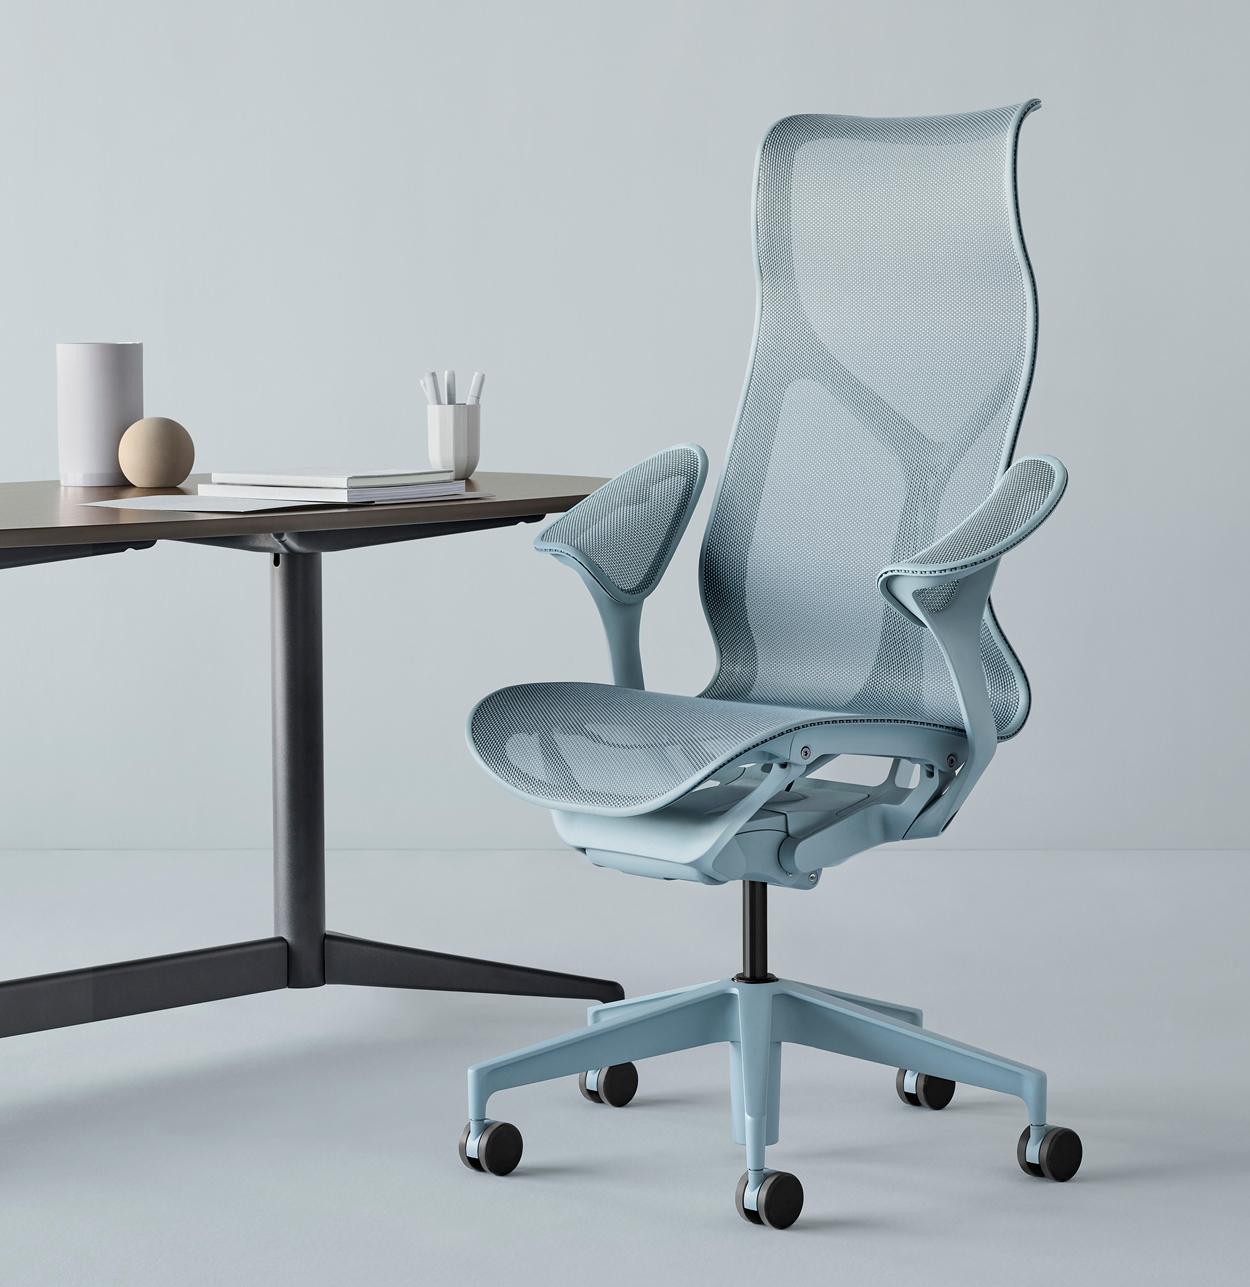 Kantoorstoel Cosm in blauwe Glacier kleur. De ontwerpers van Studio 7.5 werkte samen met het team van Herman Miller en stelde de stoel in drie gedipte tinten: Canyon, Glacier en Nightfall.